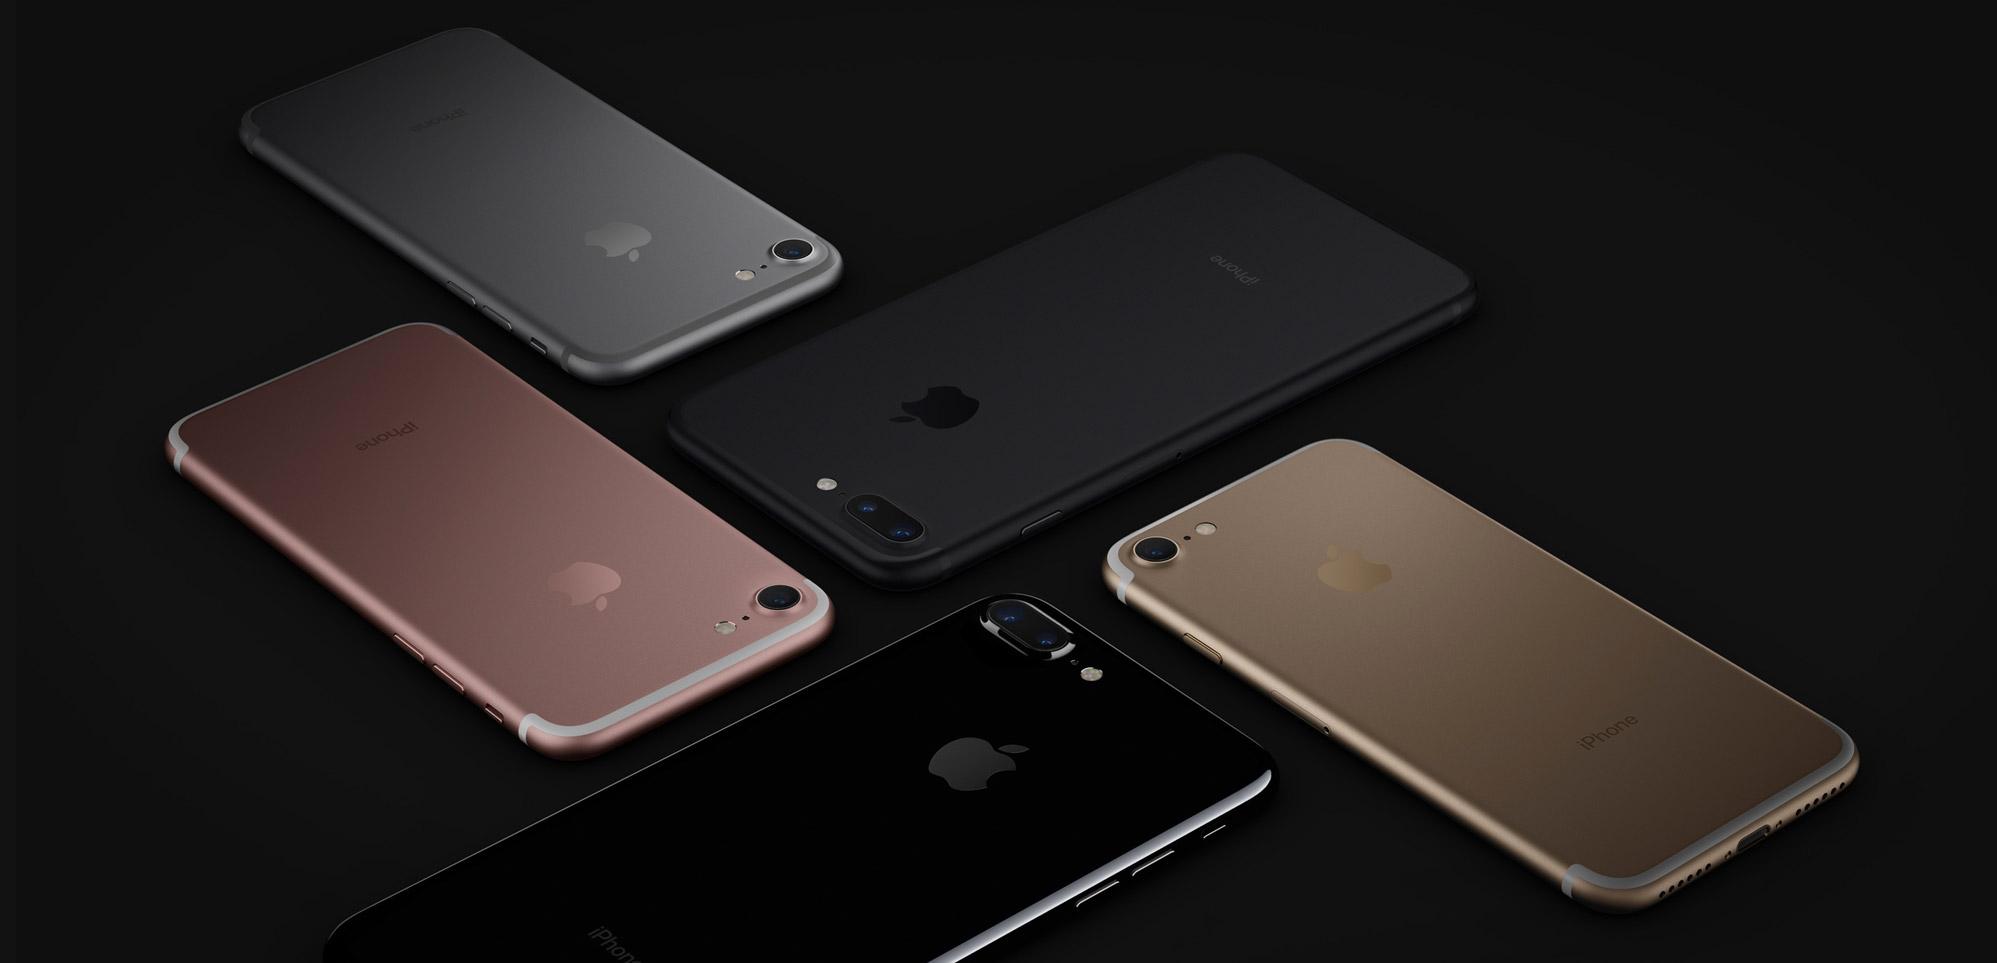 10 điểm đột phá trên iPhone 7 và iPhone 7 Plus khiến bạn không mua không được - Ảnh 16.